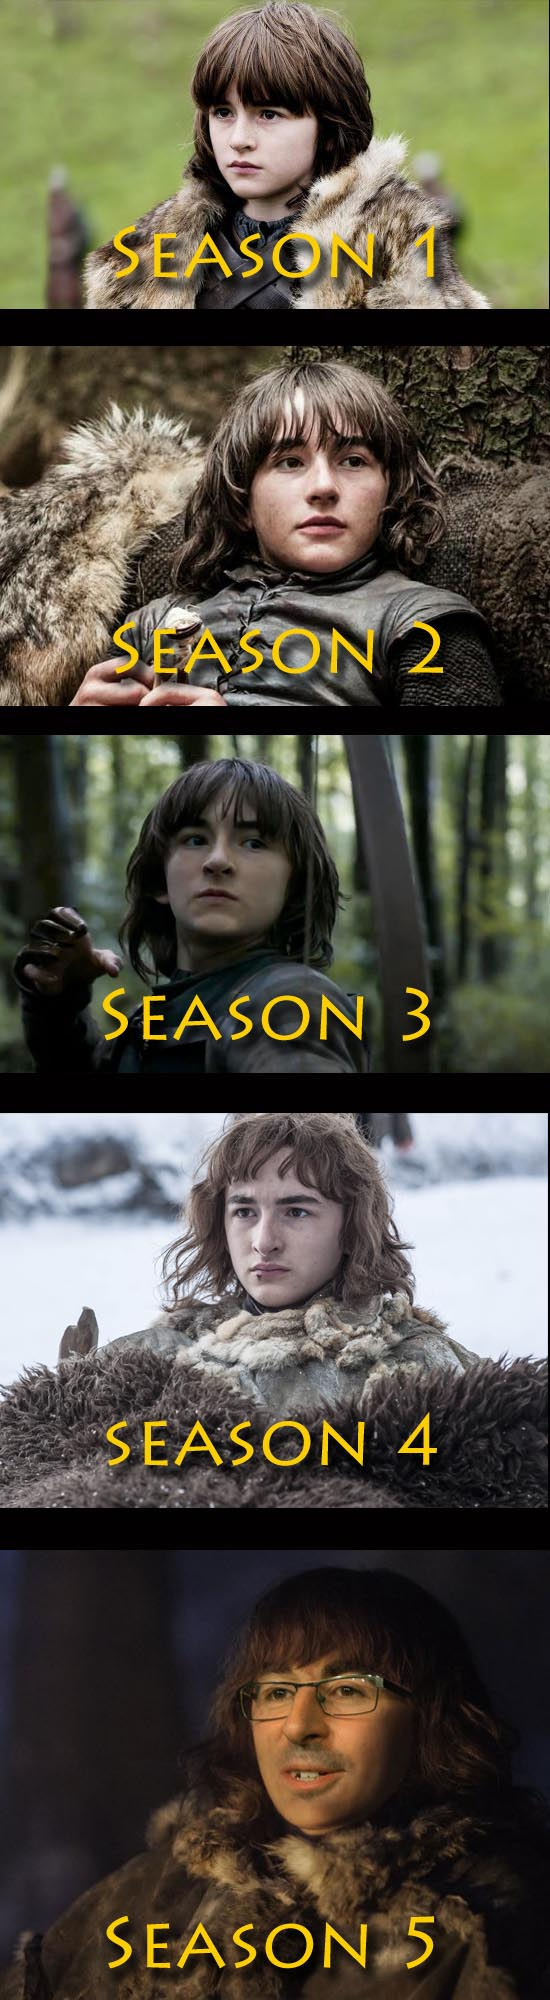 Game of Thrones seasons.jpg